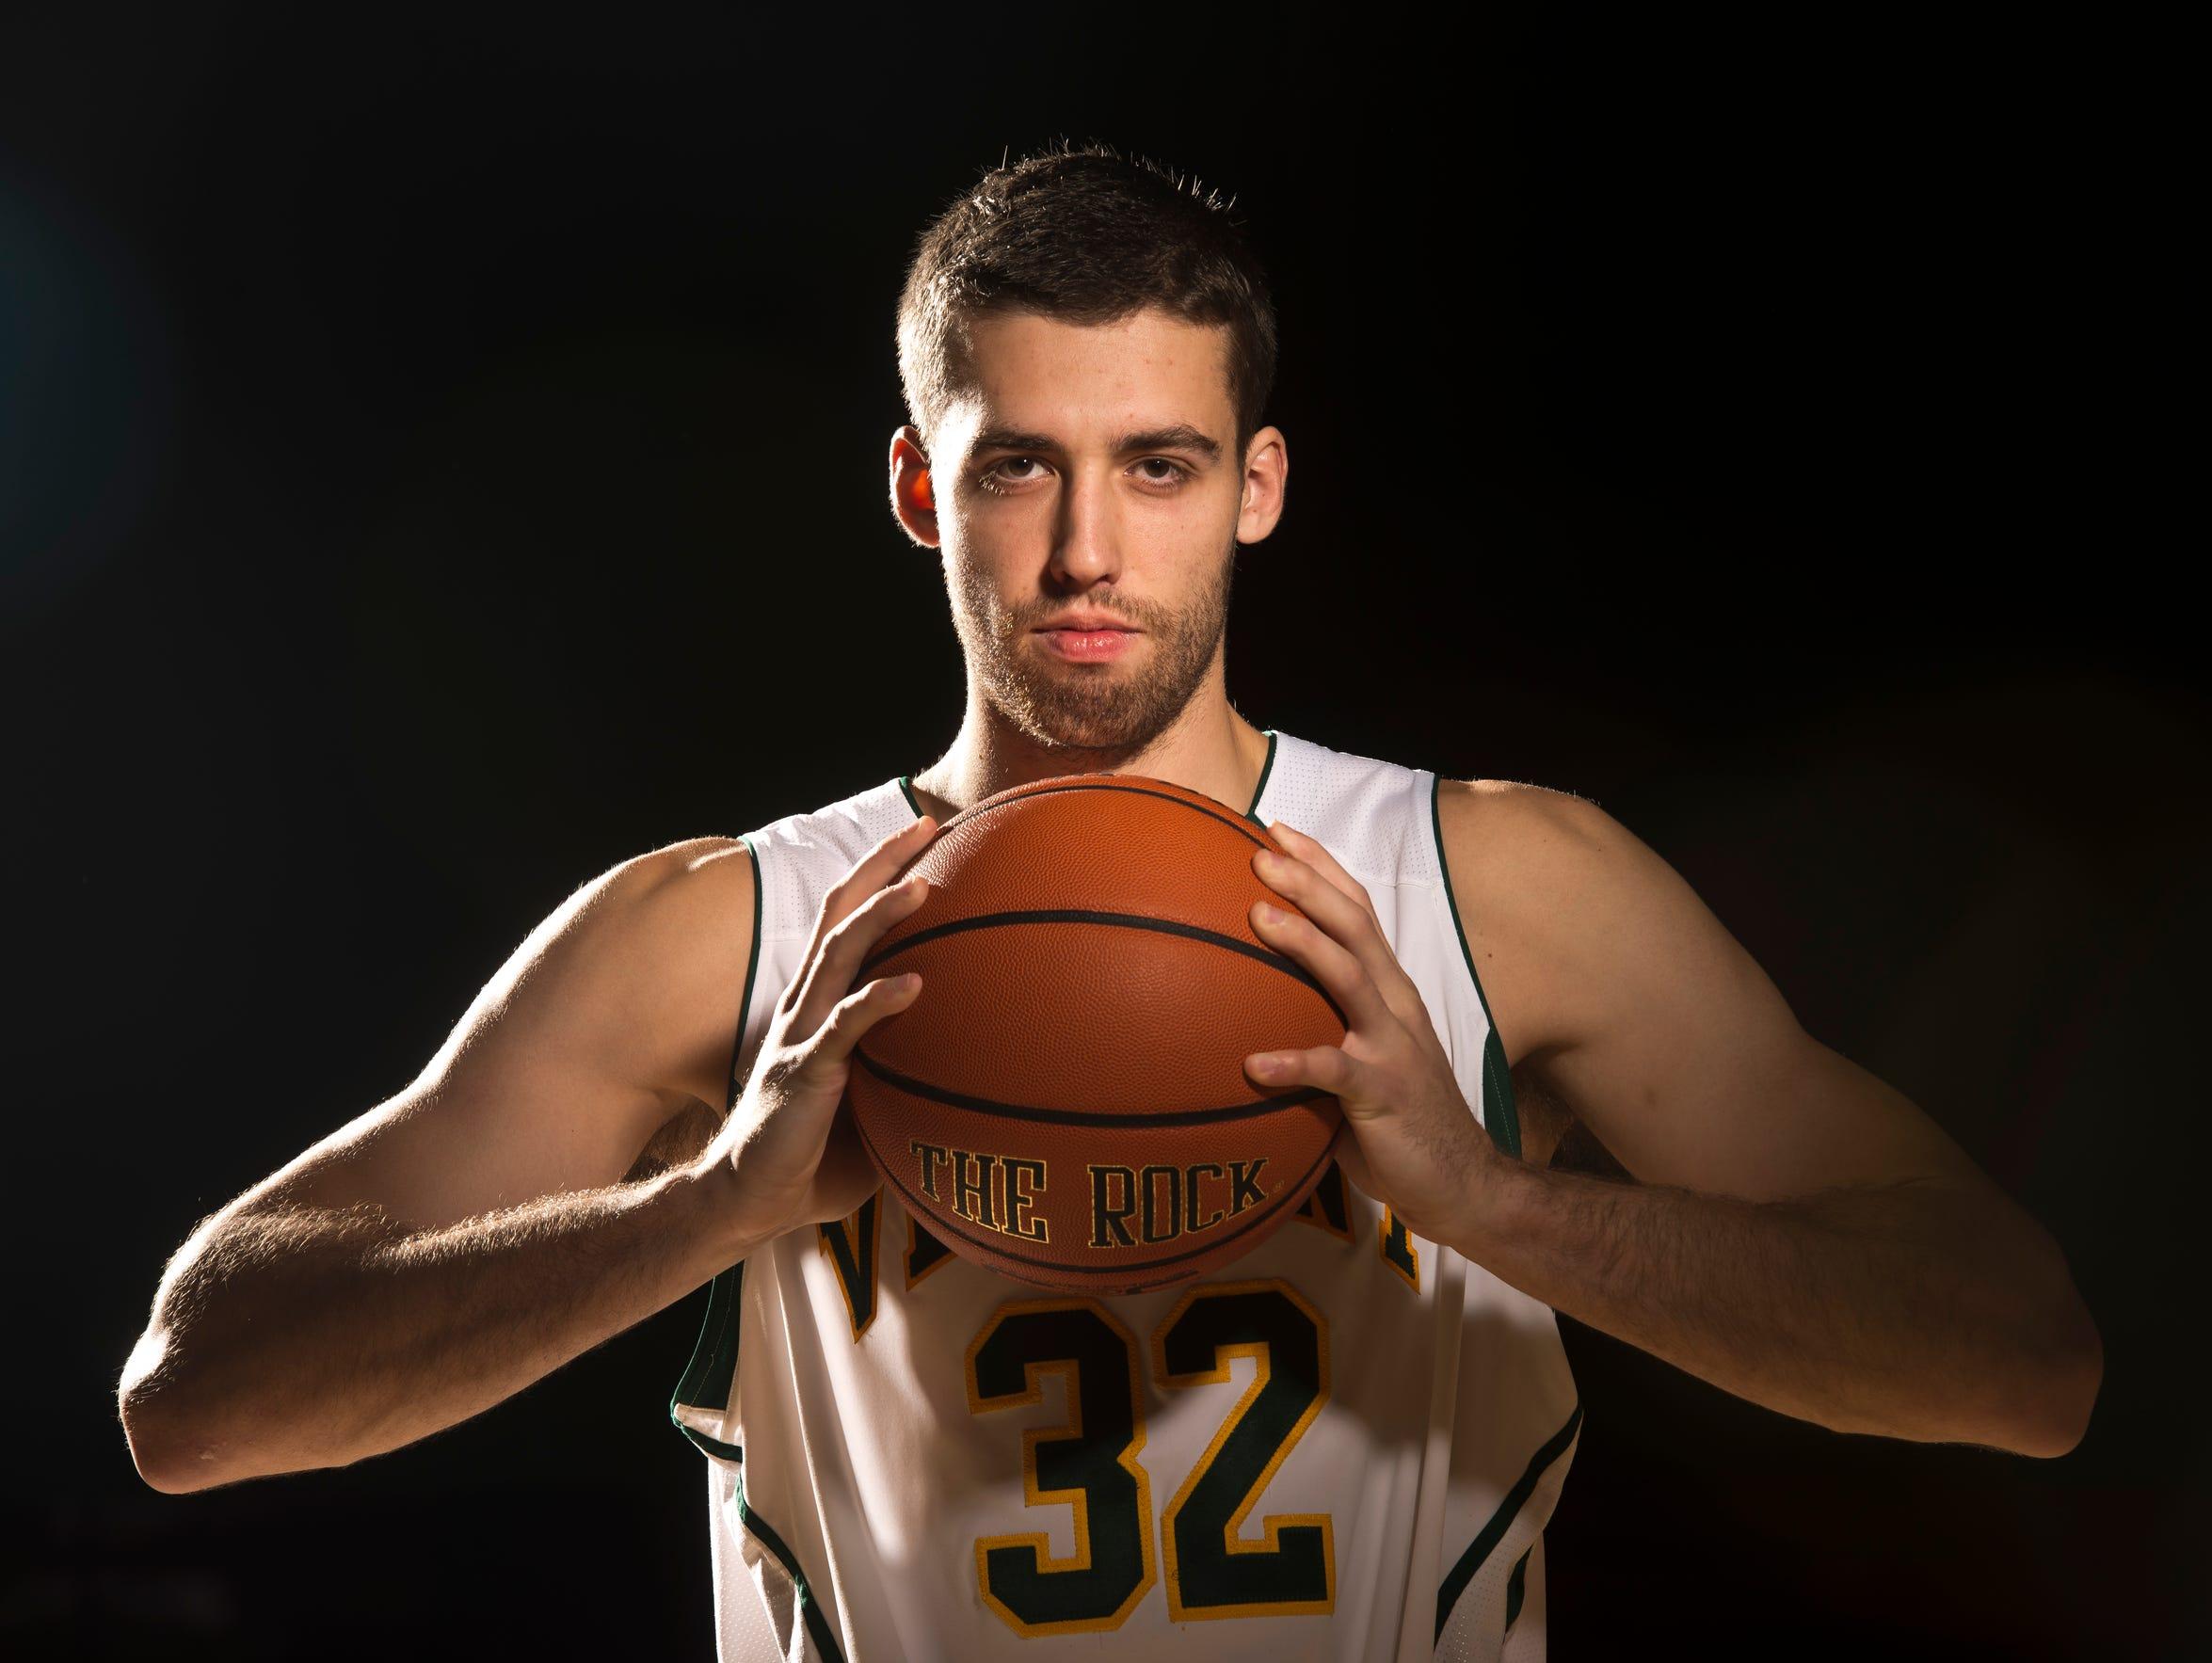 University of Vermont men's basketball forward Ethan